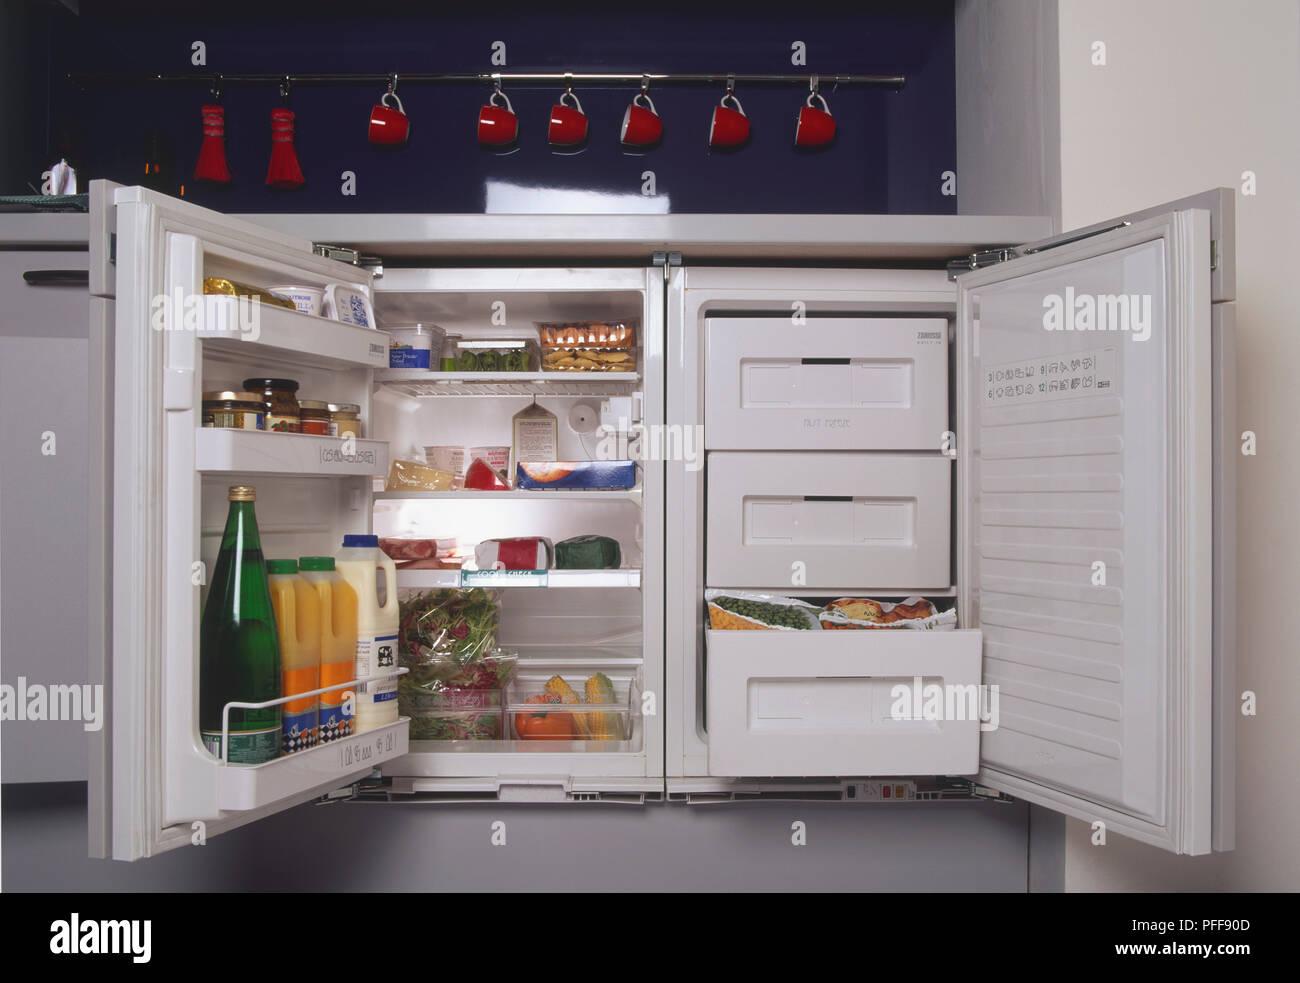 Kleiner Kühlschrank Mit Gefrierfach Gebraucht : Innenraum der kleinen kühlschrank mit gefrierfach stockfoto bild